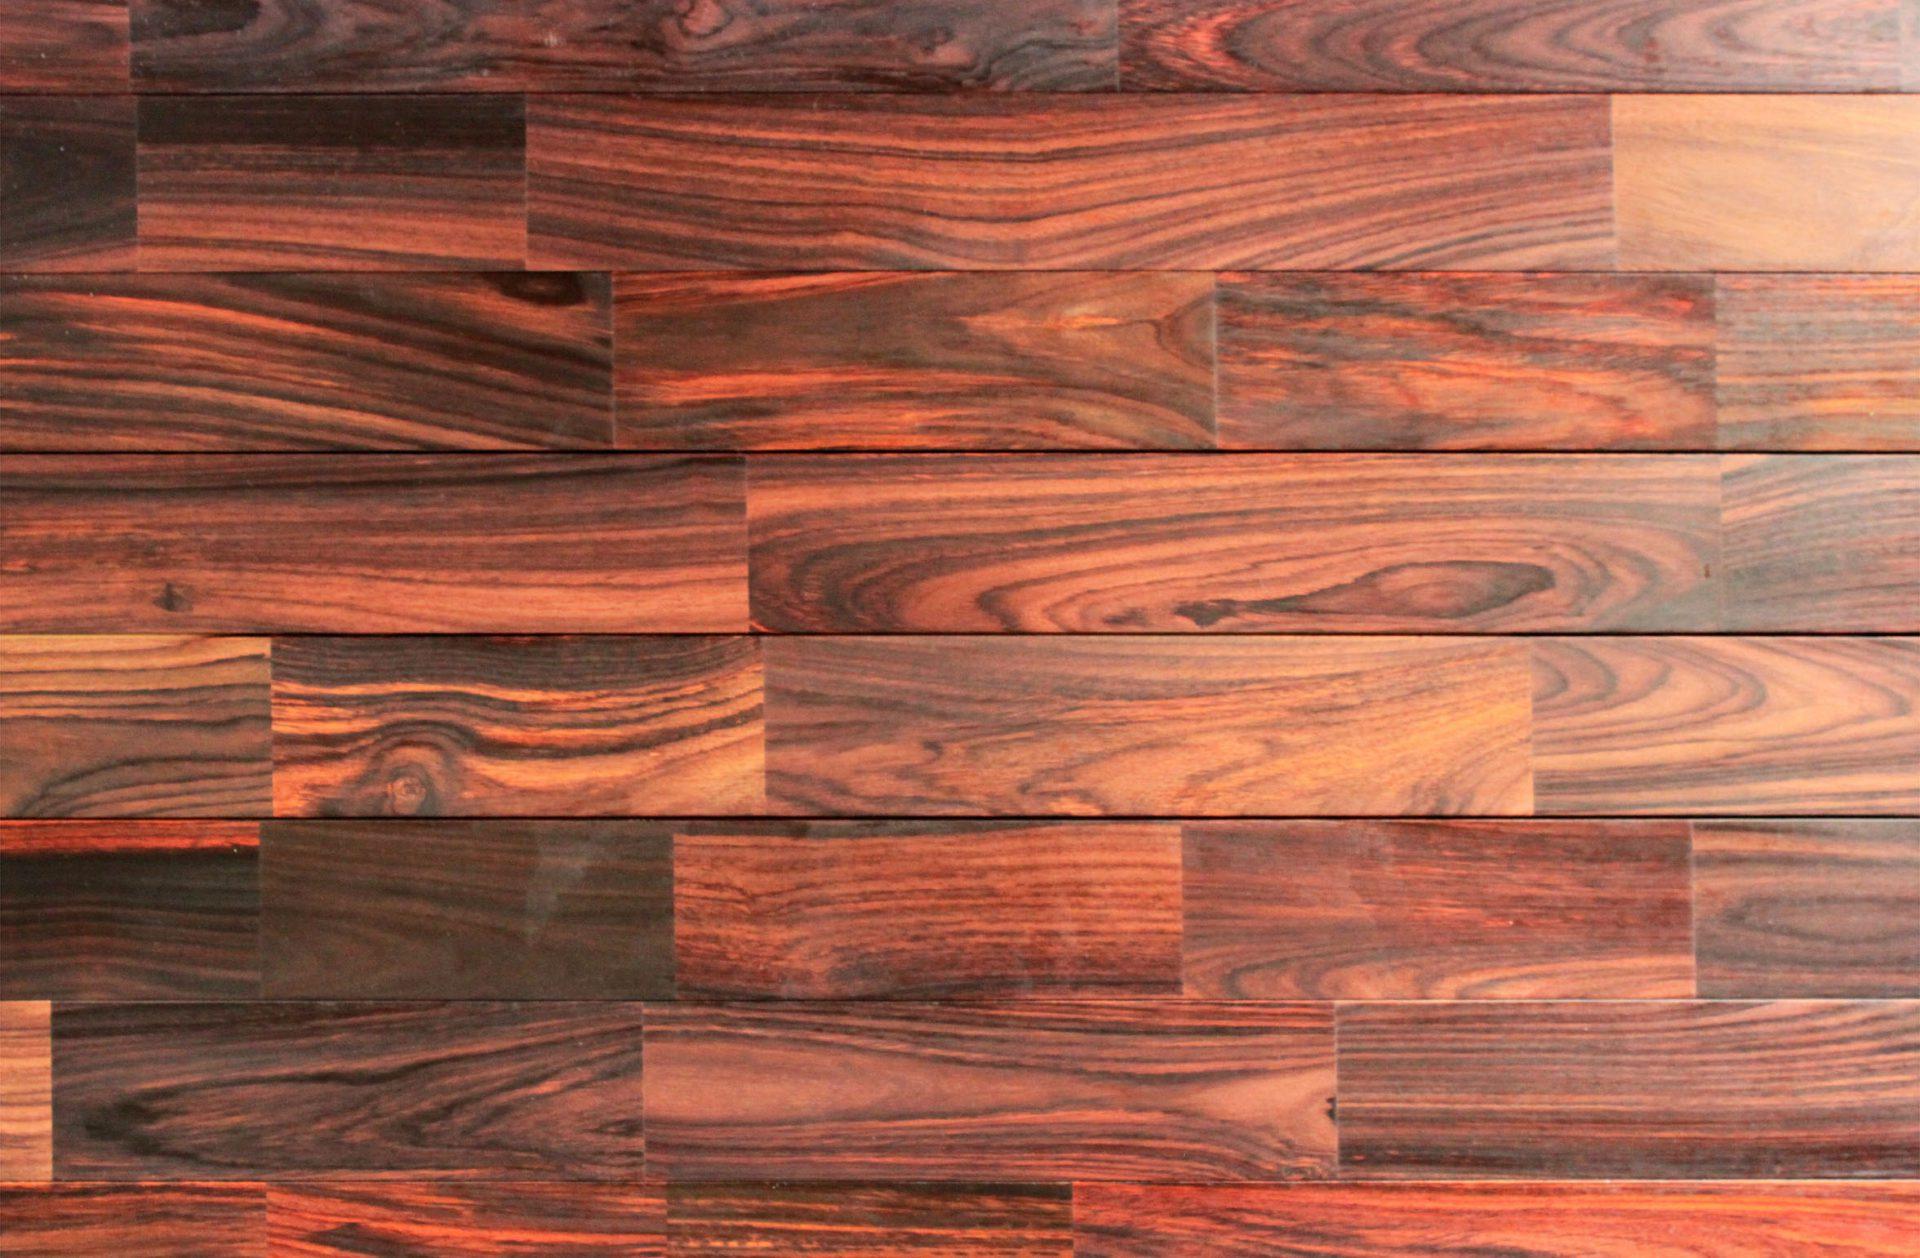 ローズウッドブラックFJ(ユニ)プレミアム ルビオオイル仕上げ 床暖房対応